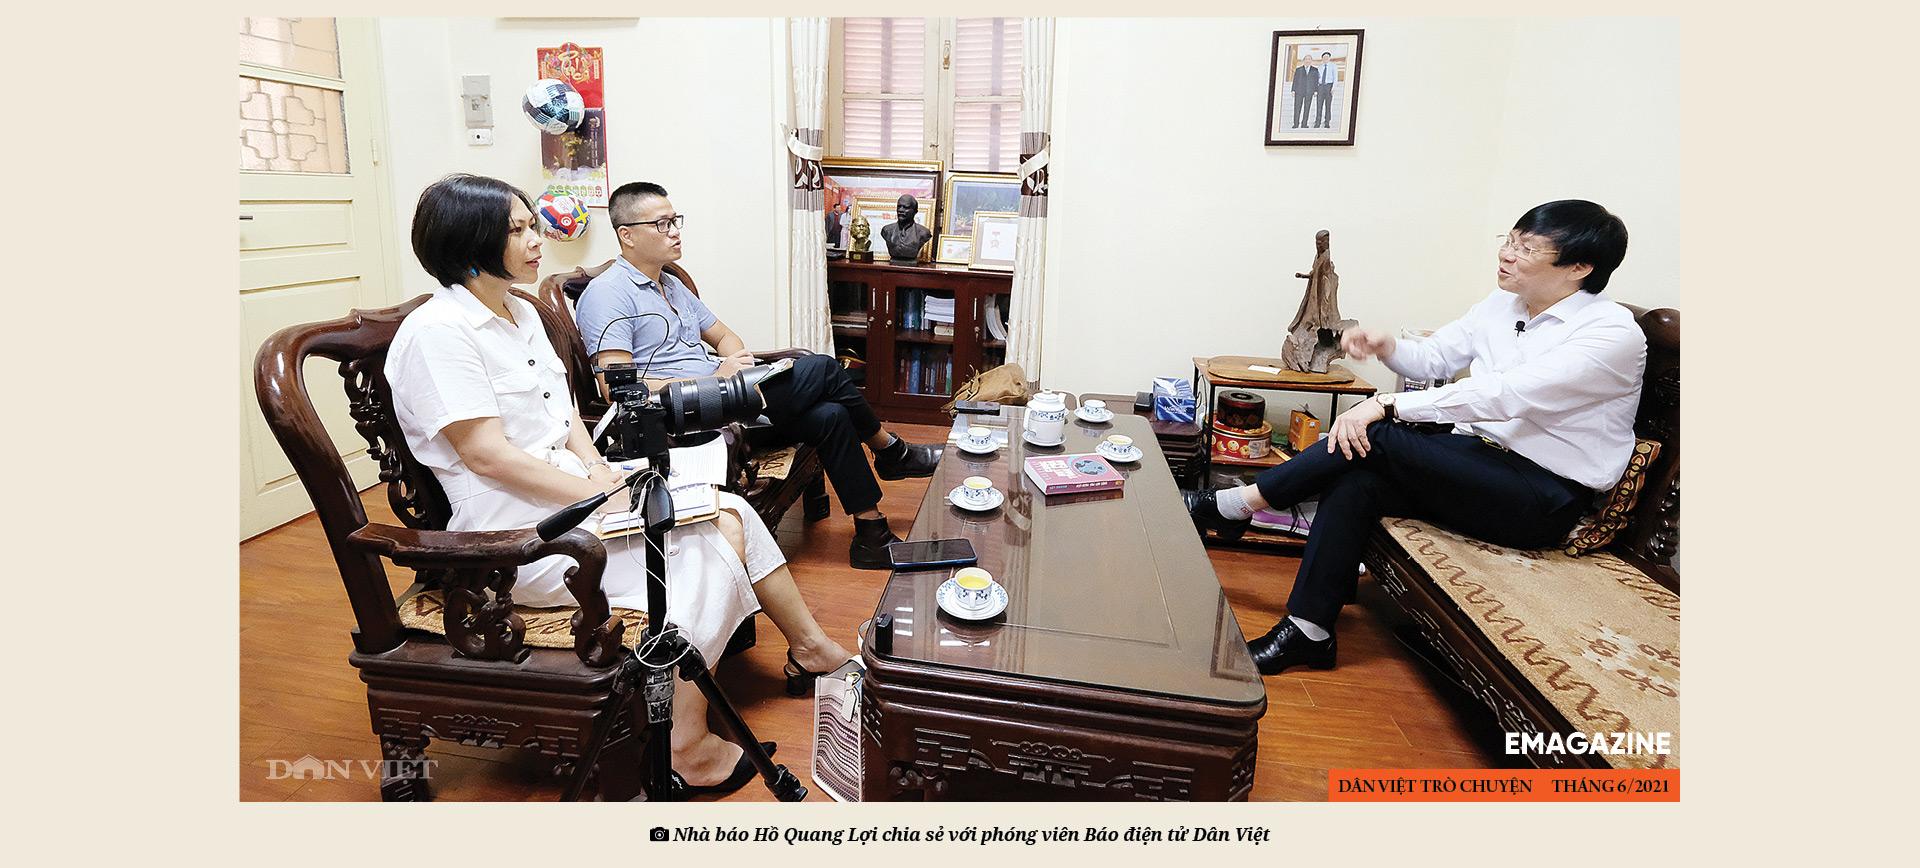 Nhà báo Hồ Quang Lợi: Dù công nghệ thay đổi ra sao, mấu chốt nghề báo vẫn là vì công lý và sự thật - Ảnh 7.